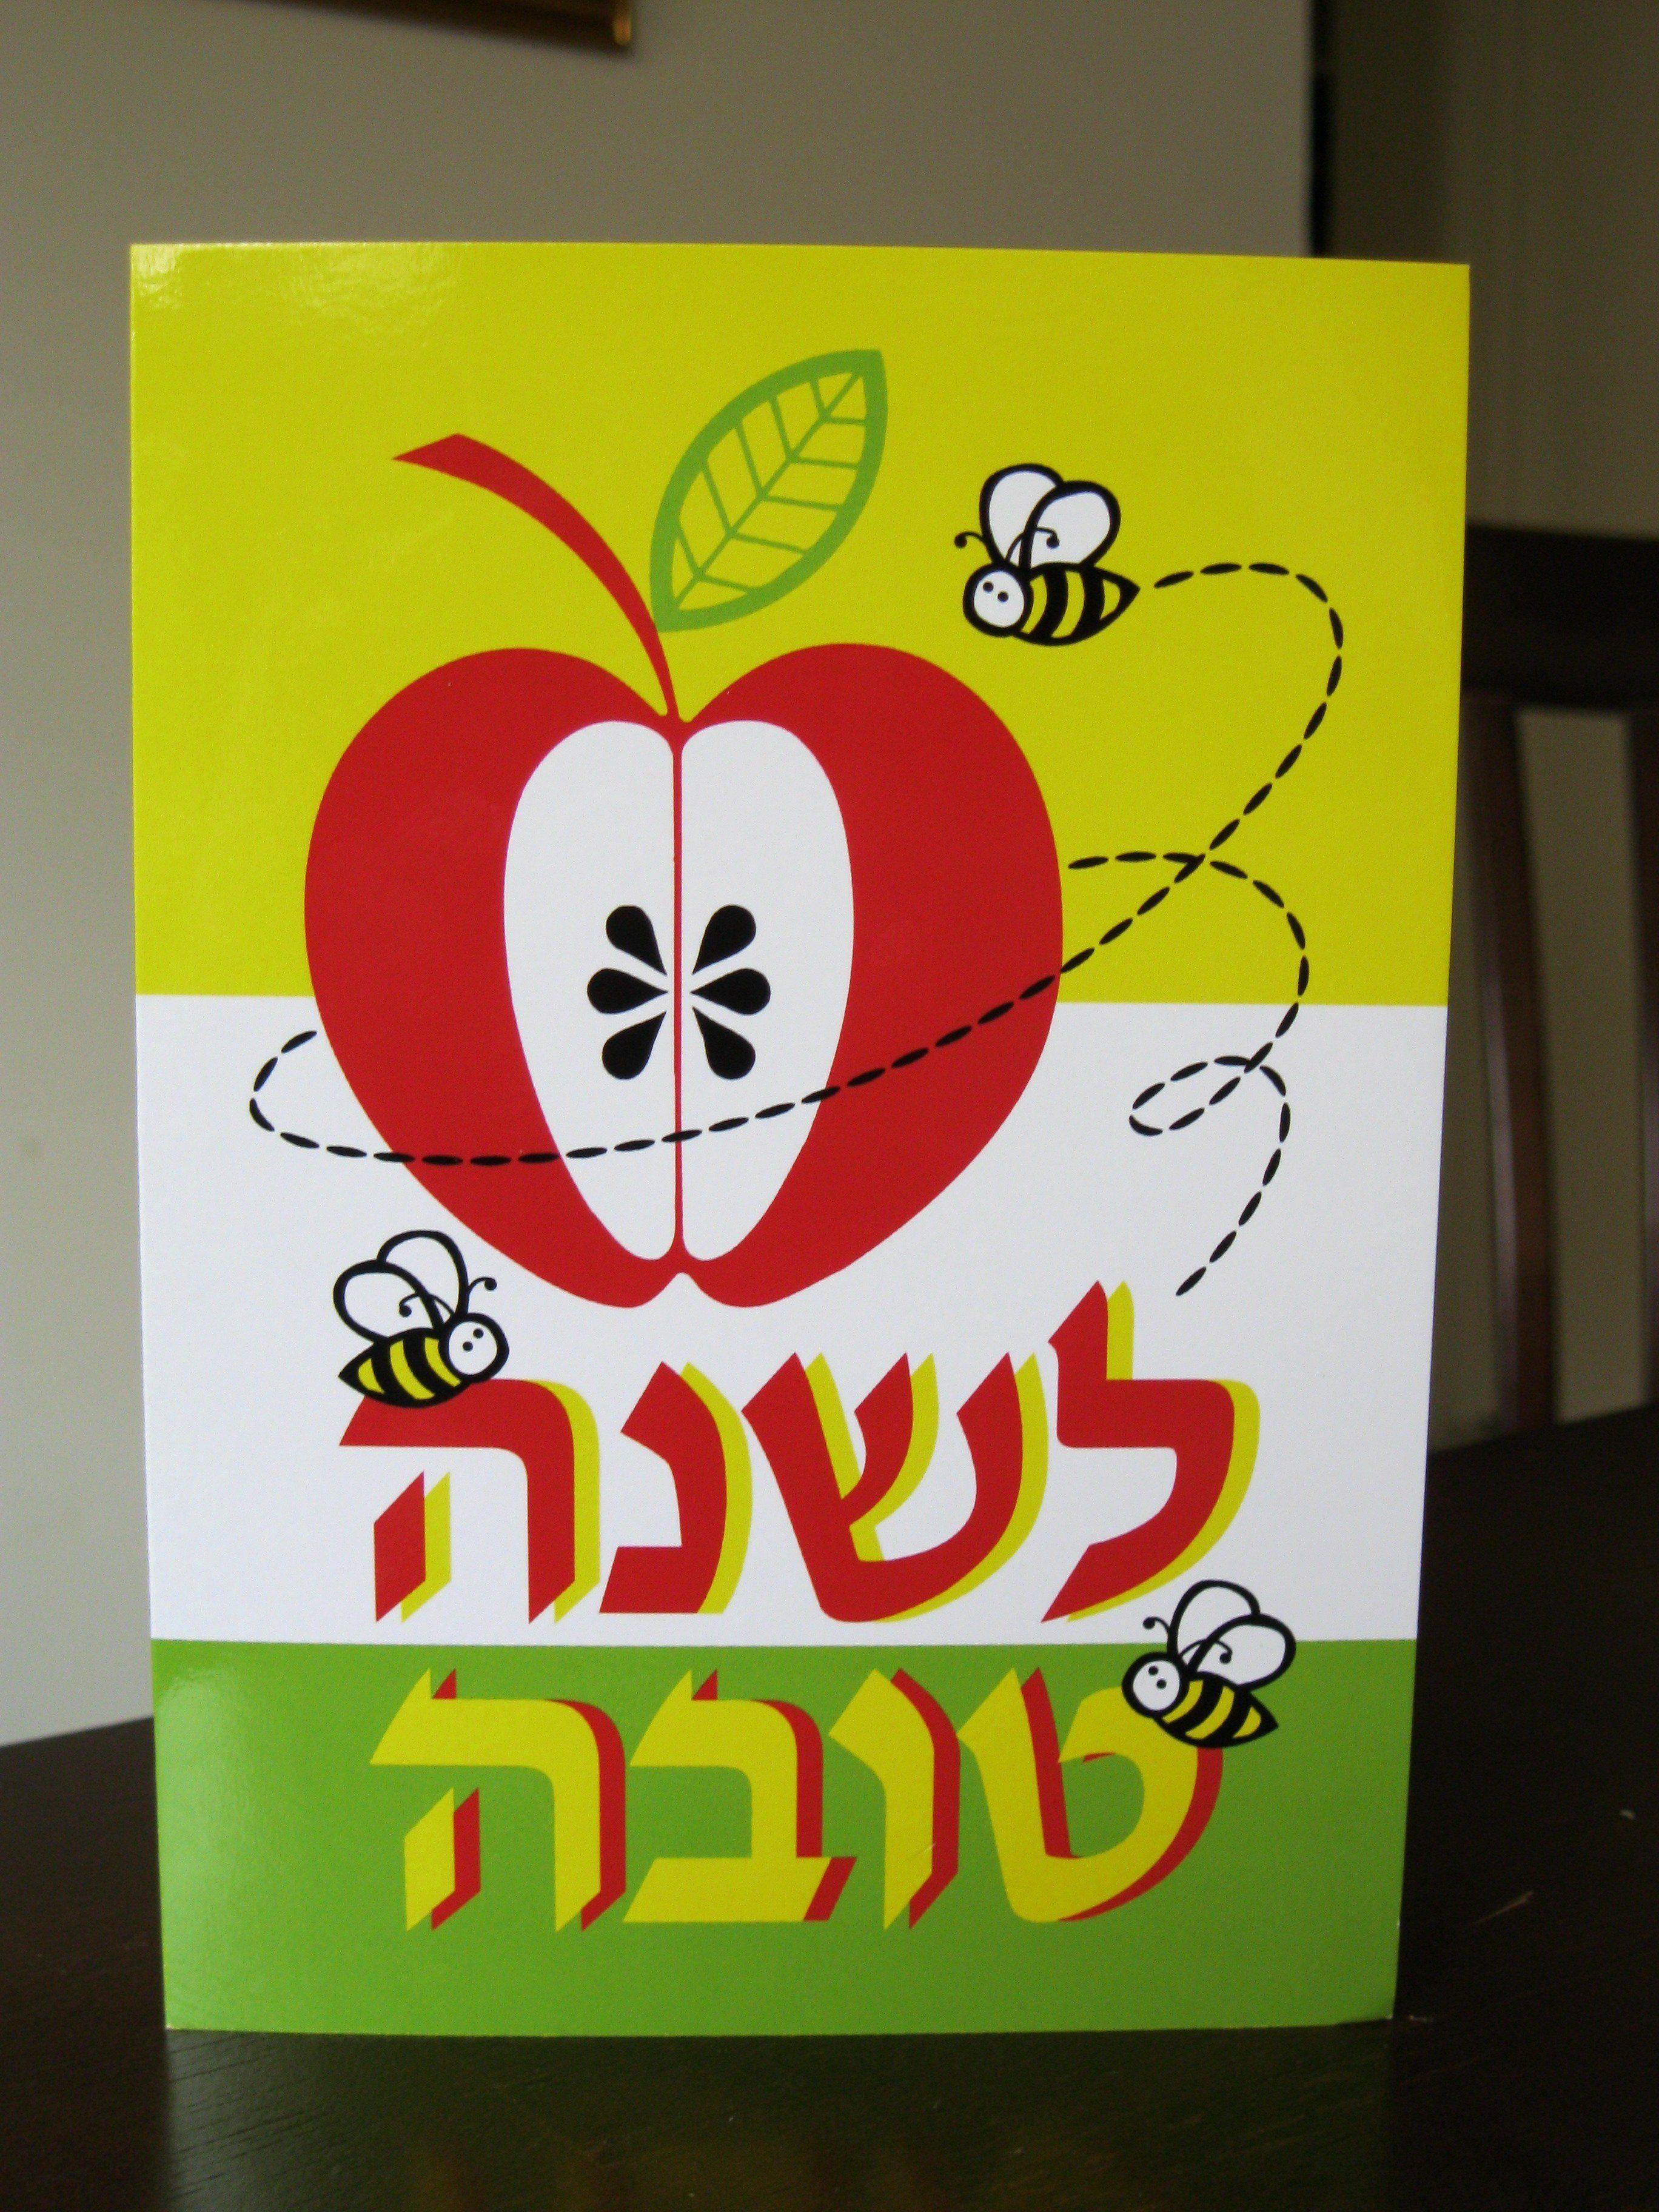 Rosh Hashanah Picture in 2020 Rosh hashanah cards, Rosh